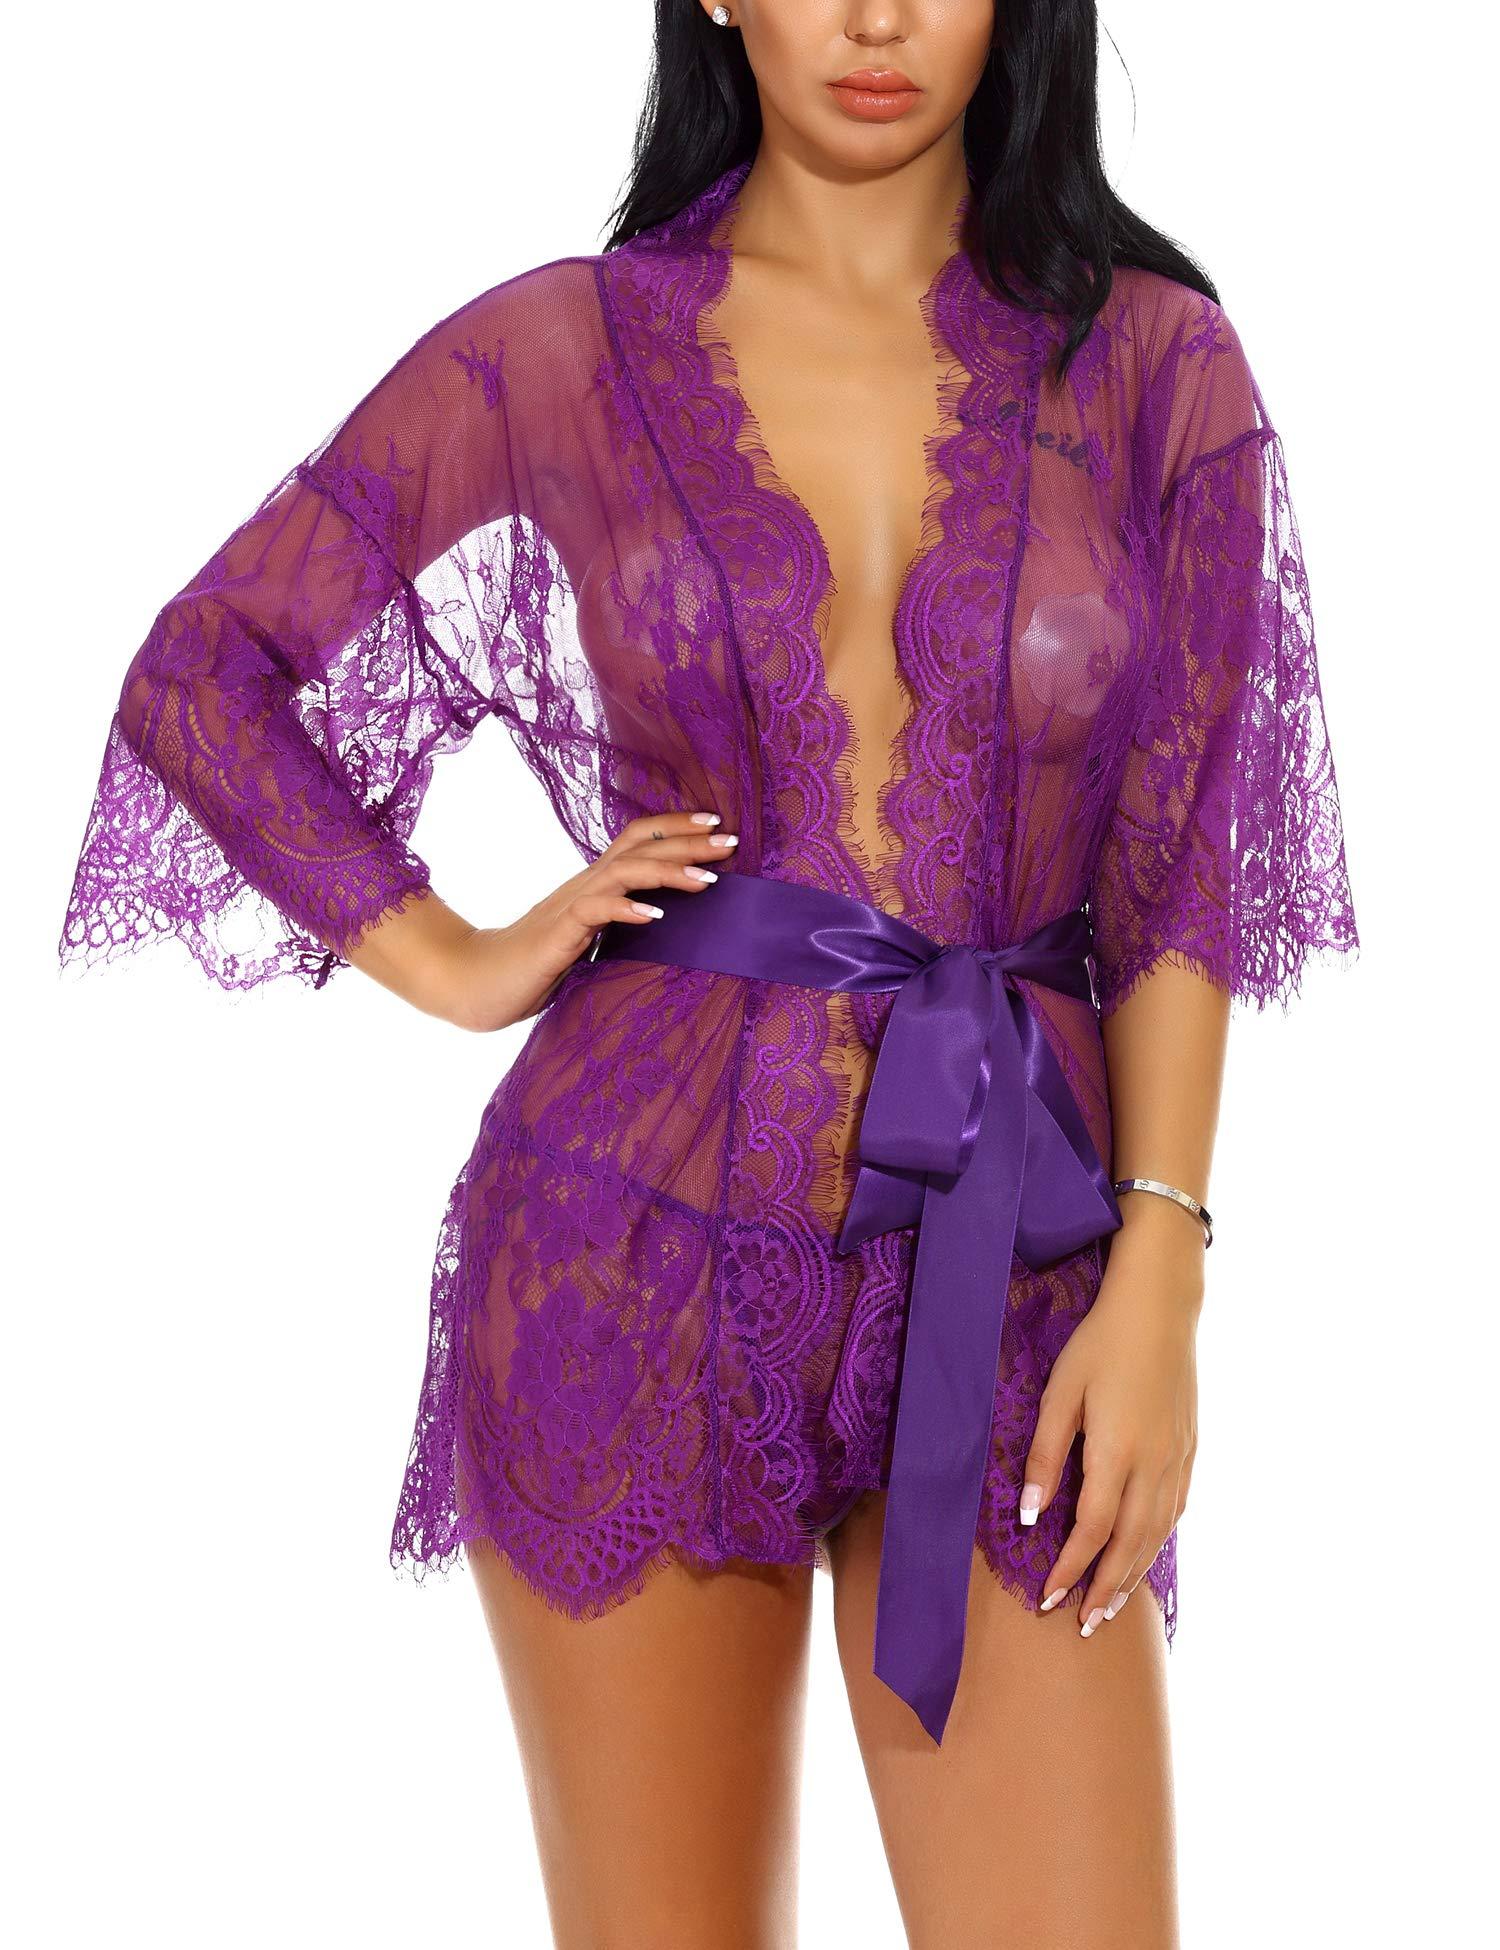 LOMON Lace Sleepwear Robe for Women Mesh Lingerie Coverup for Bridal Nightwear